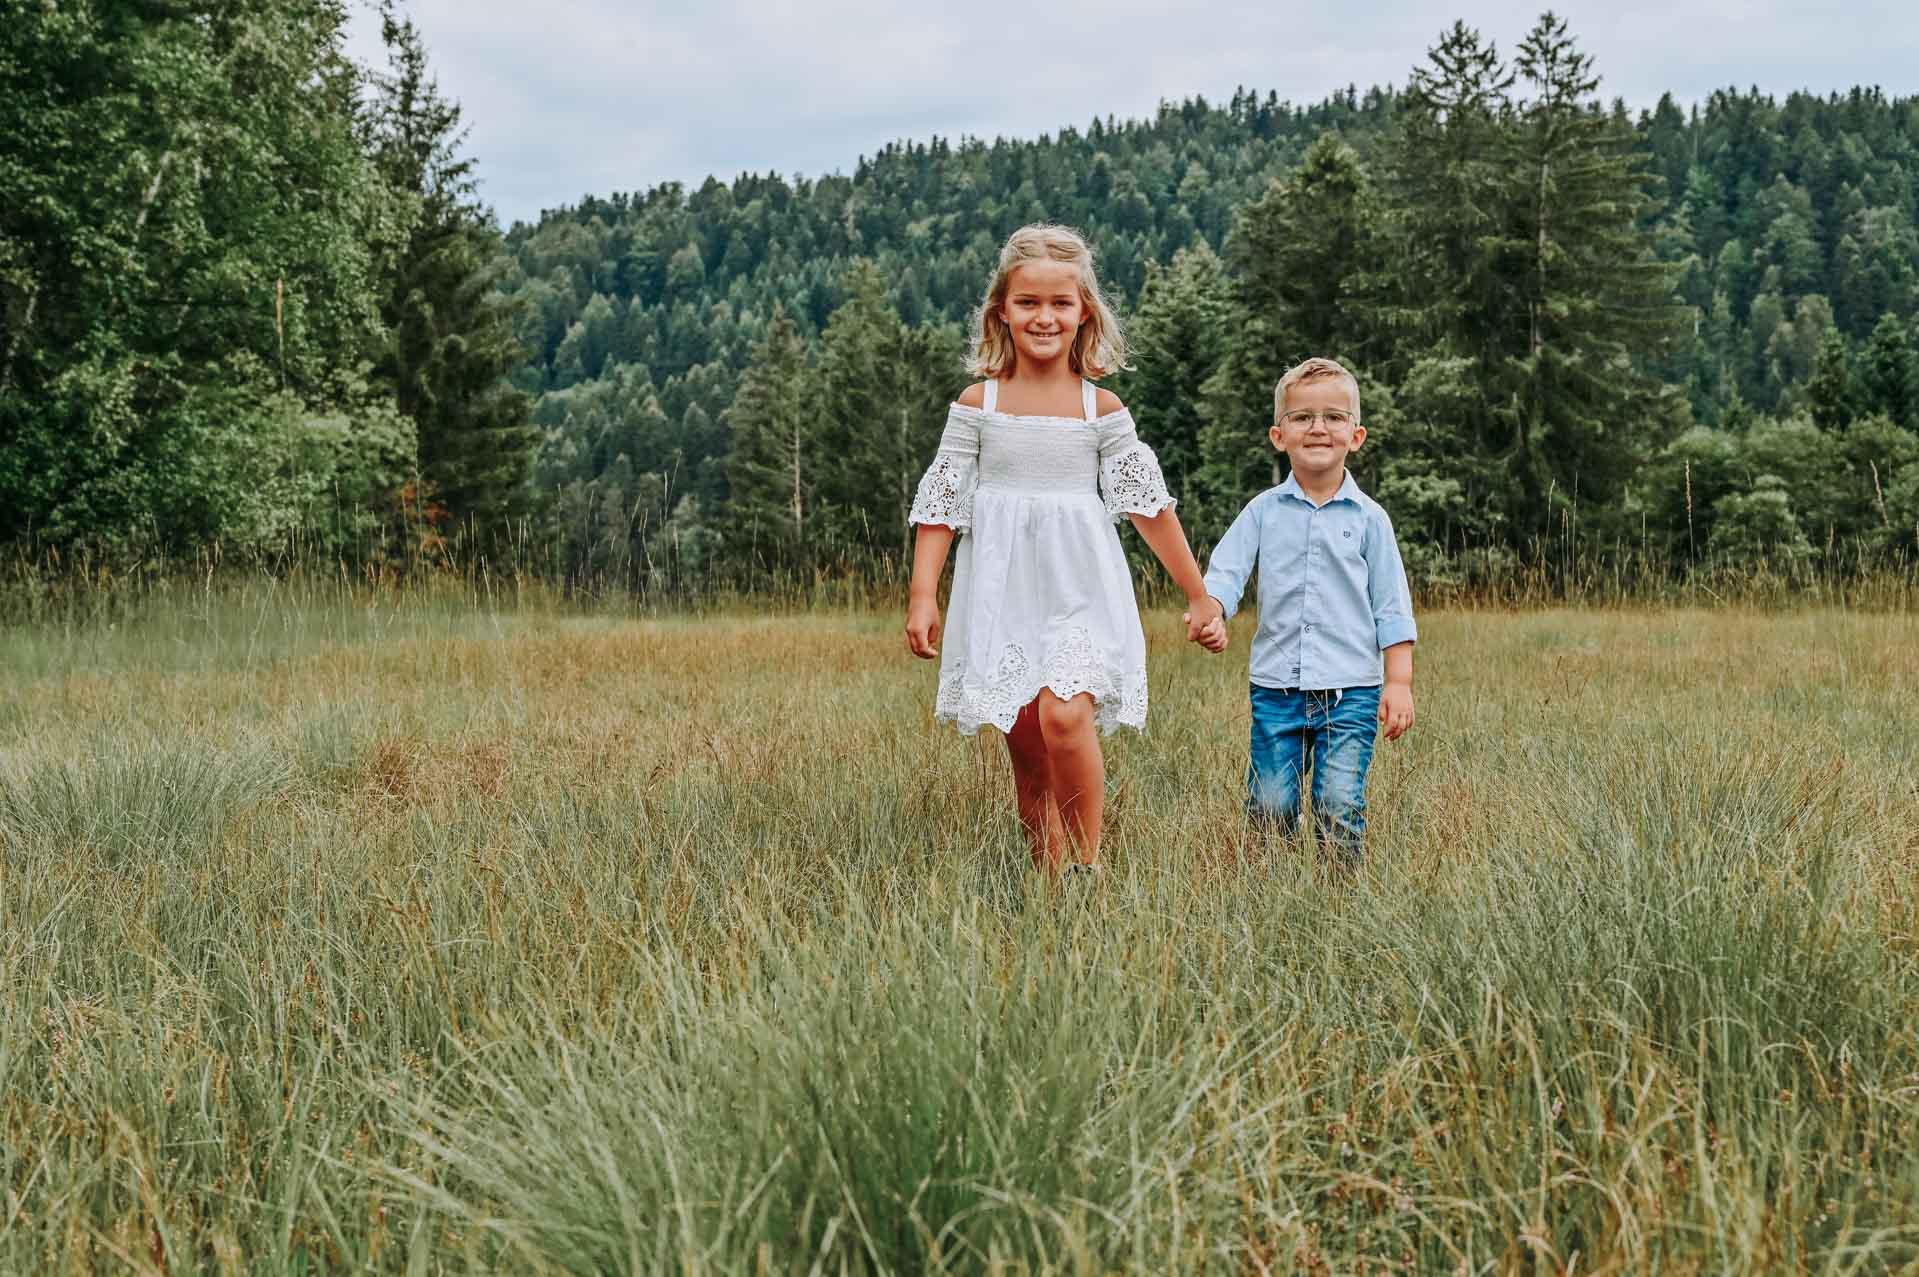 Geschwister-Shooting Emma und niklas